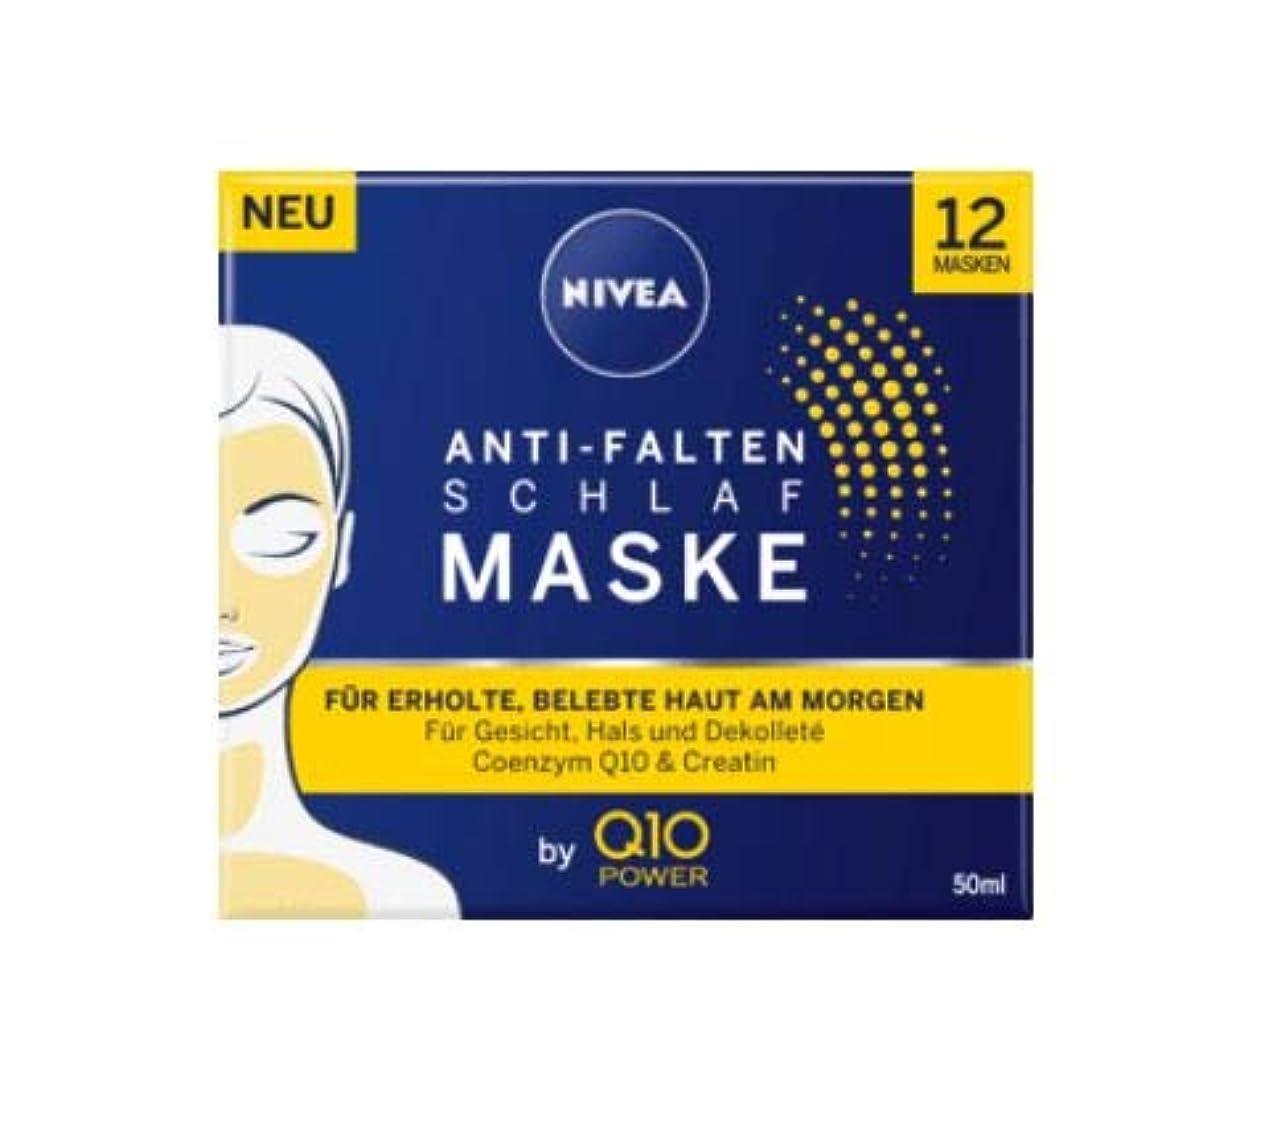 確保するリブ粉砕するニベア Nivea Q10 パワー スリープ マスク 50ml [並行輸入品]